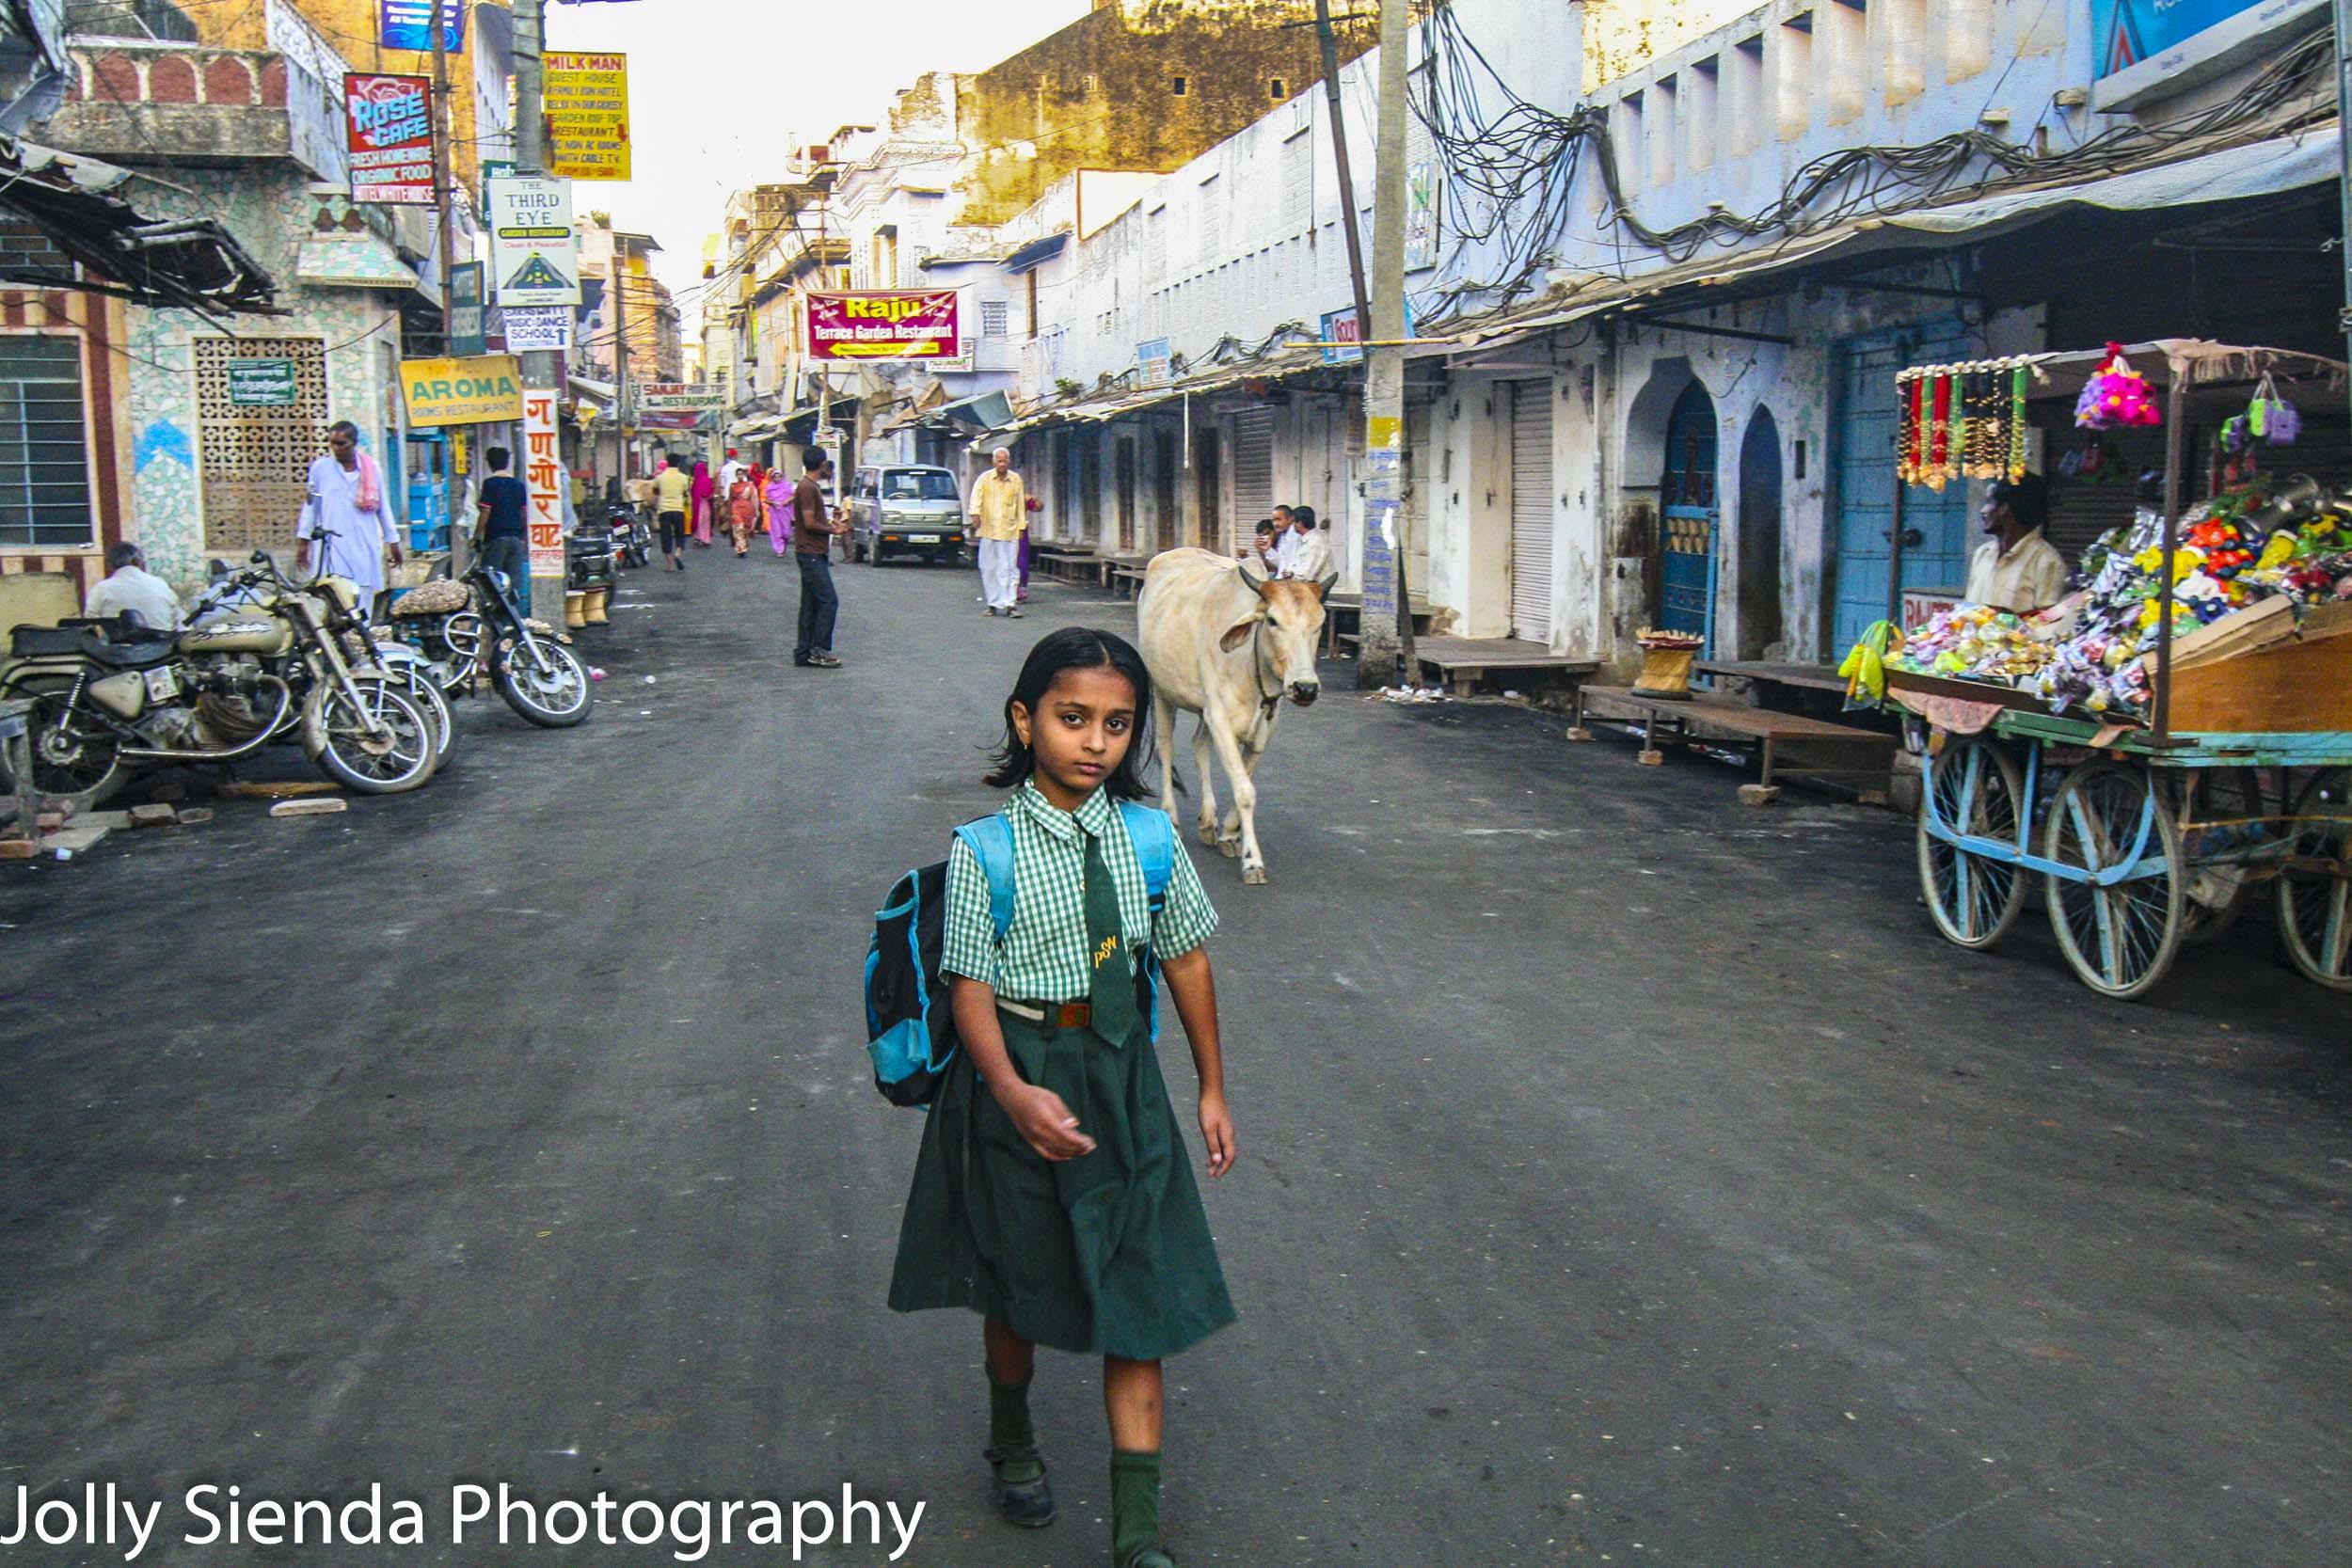 School girl in uniform walks down market street with a horned co